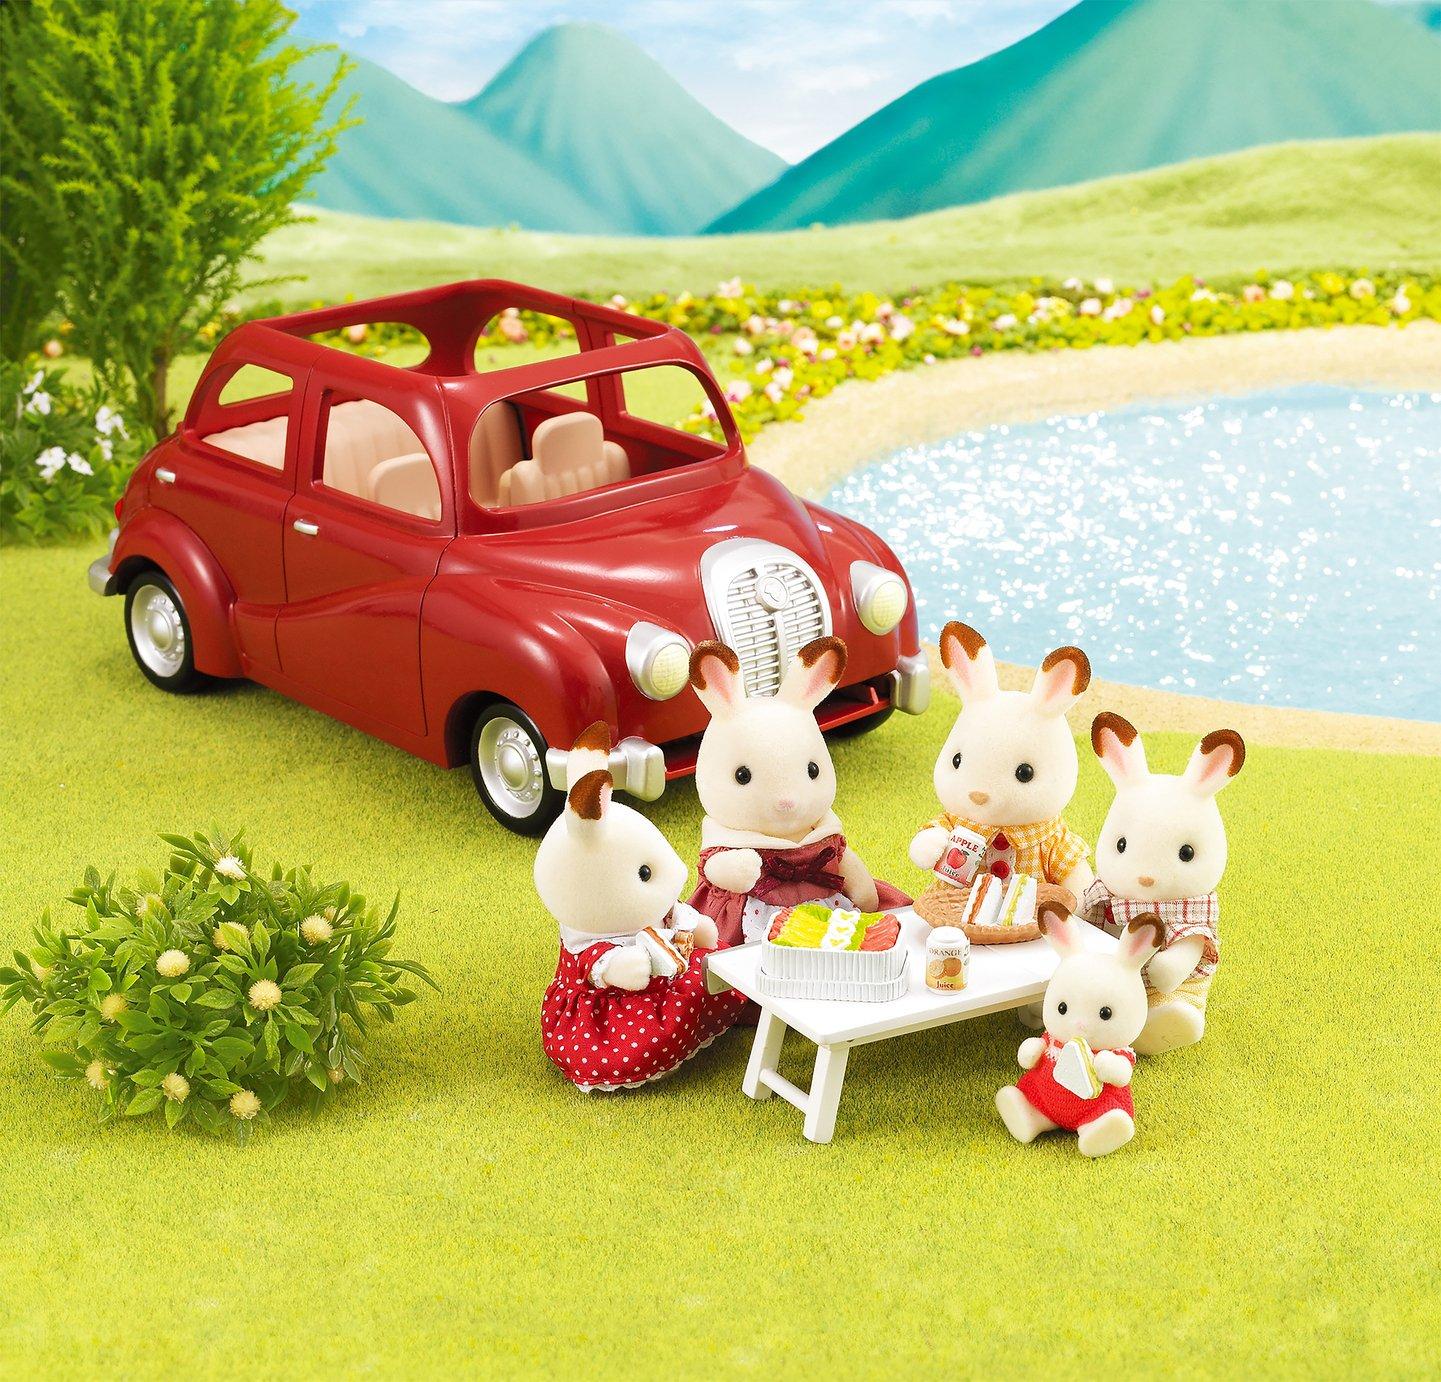 Sylvanian Families Saloon Car Playset